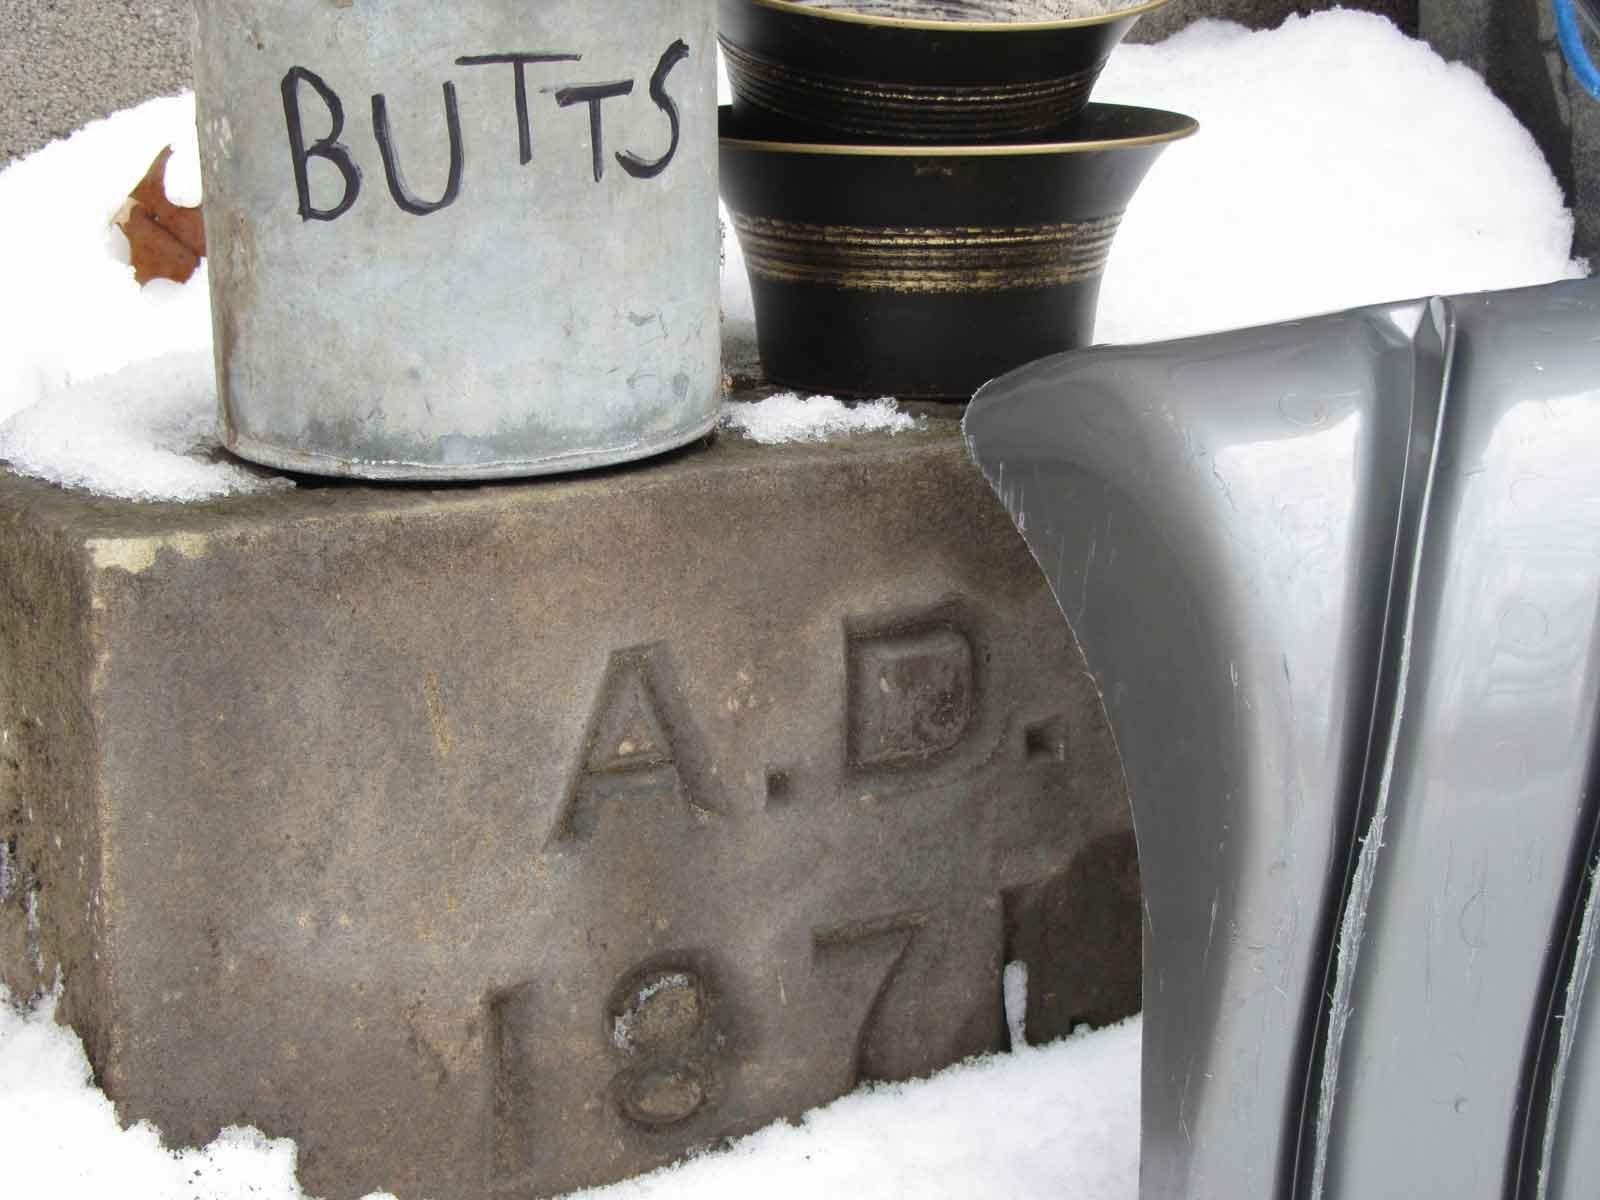 butt can